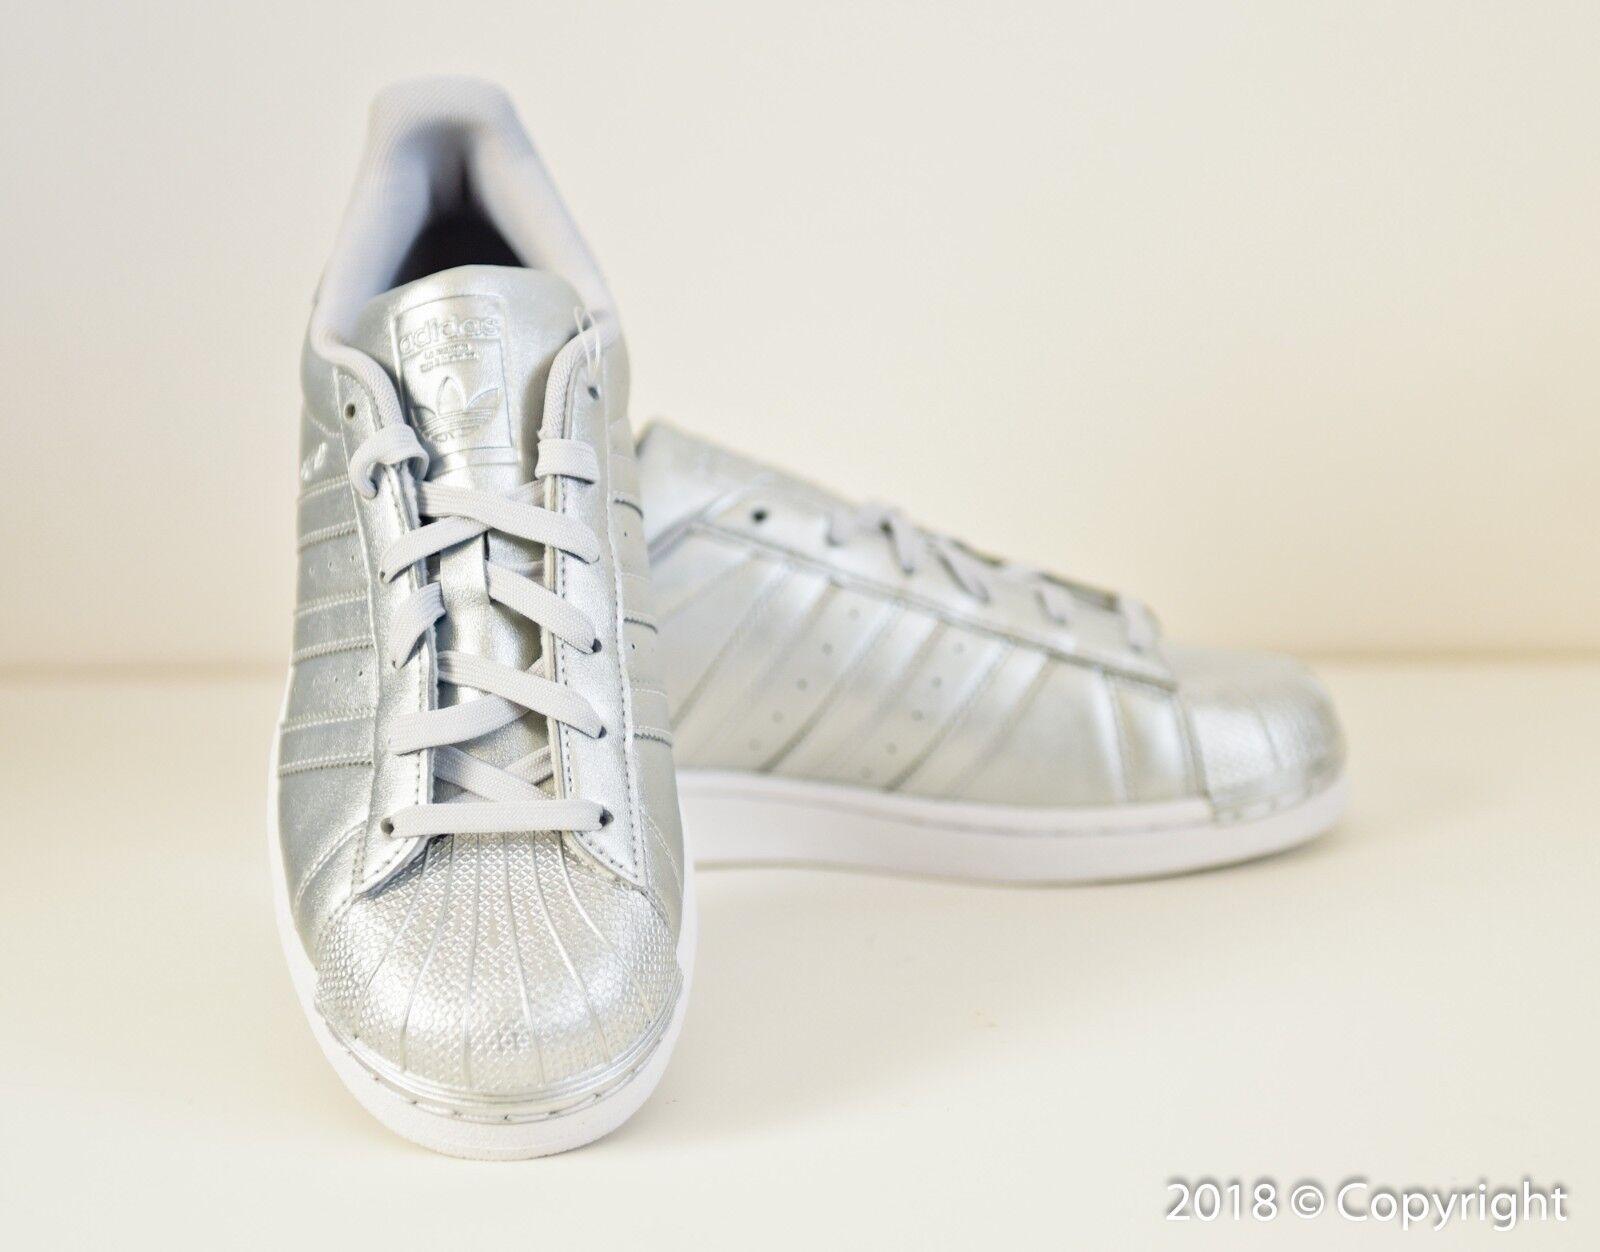 adidas originaux nmd r2 des chaussures d'hommes trace kaki kaki kaki Marron de base by9916 noire | Achats En Ligne  1e7883